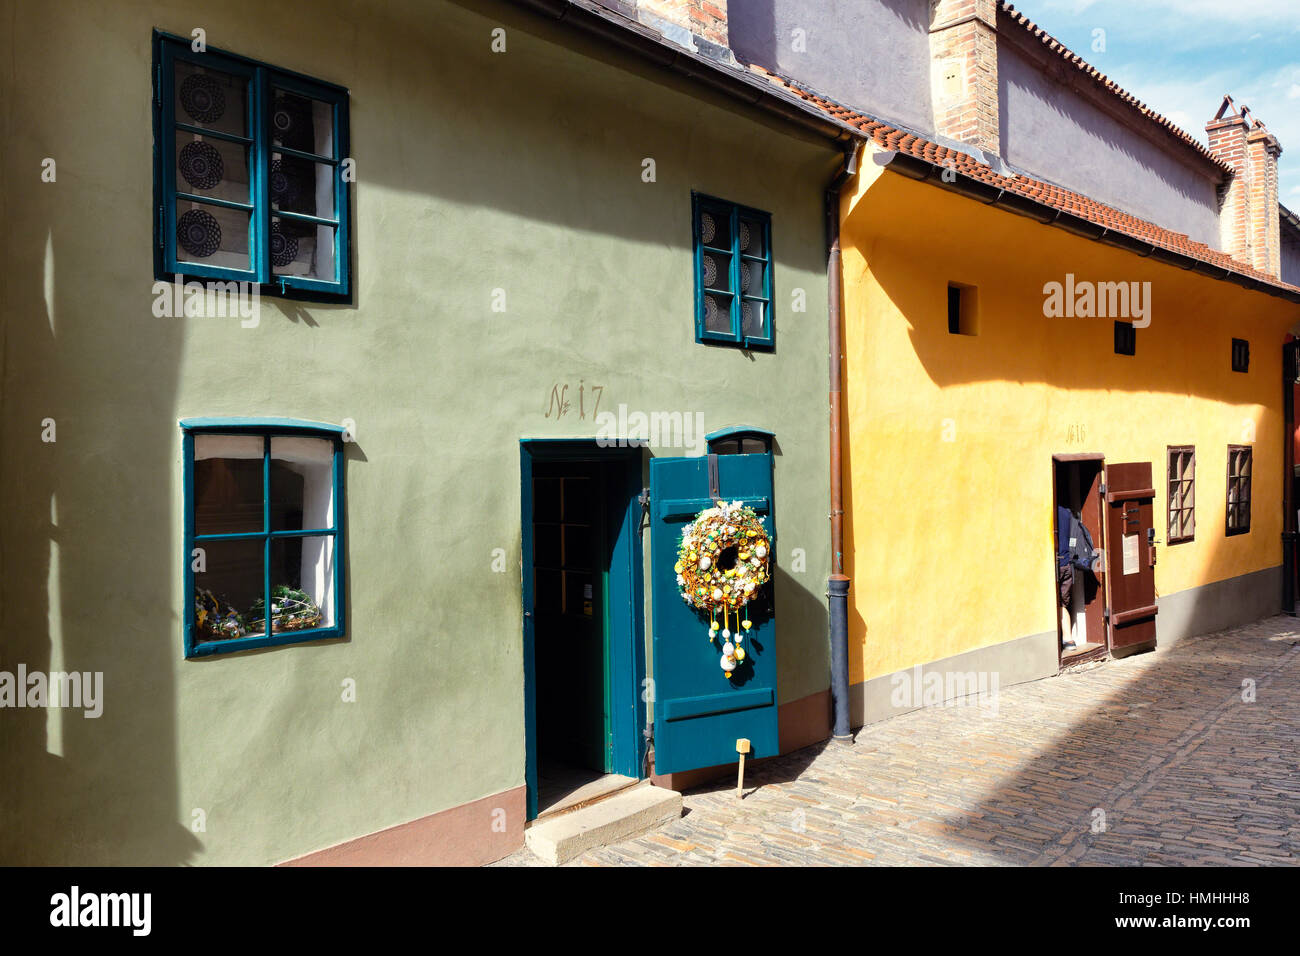 Colorful Tiny Houses of Golden Lane, Prague Castle, Prague, Czech Republic - Stock Image